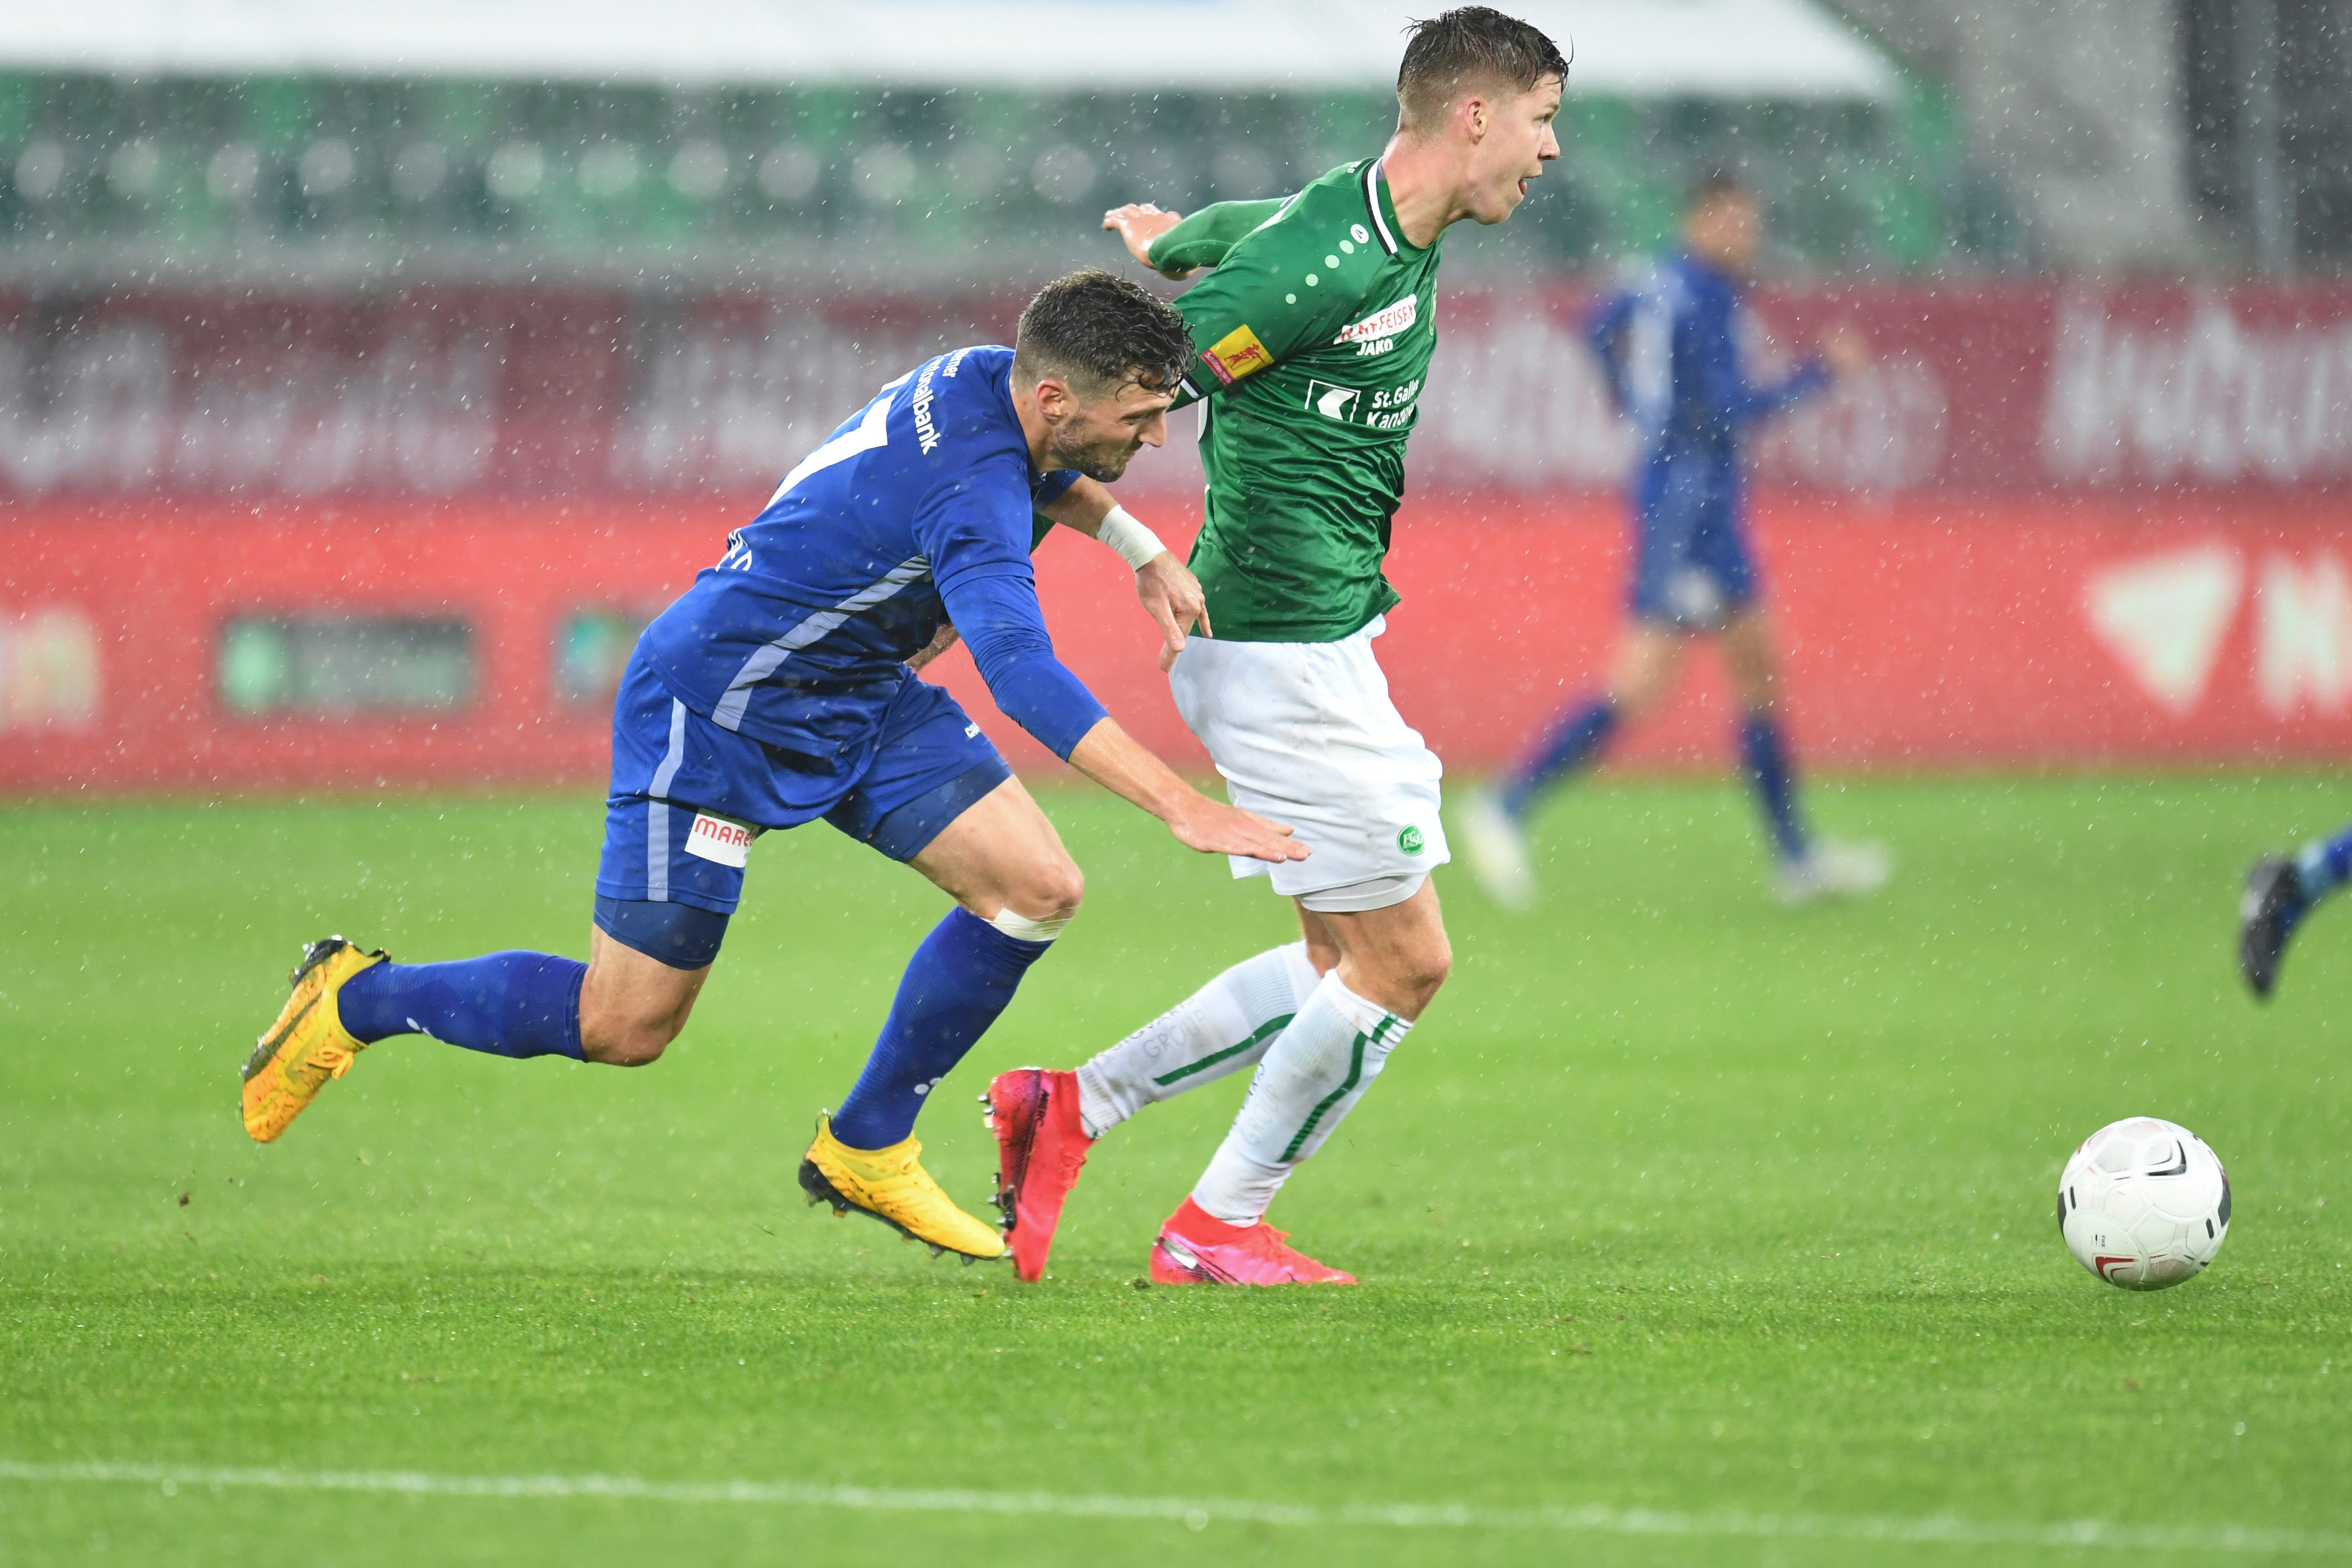 Cedric Itten FC St. Gallen gegen Simon Grether FC Luzern.